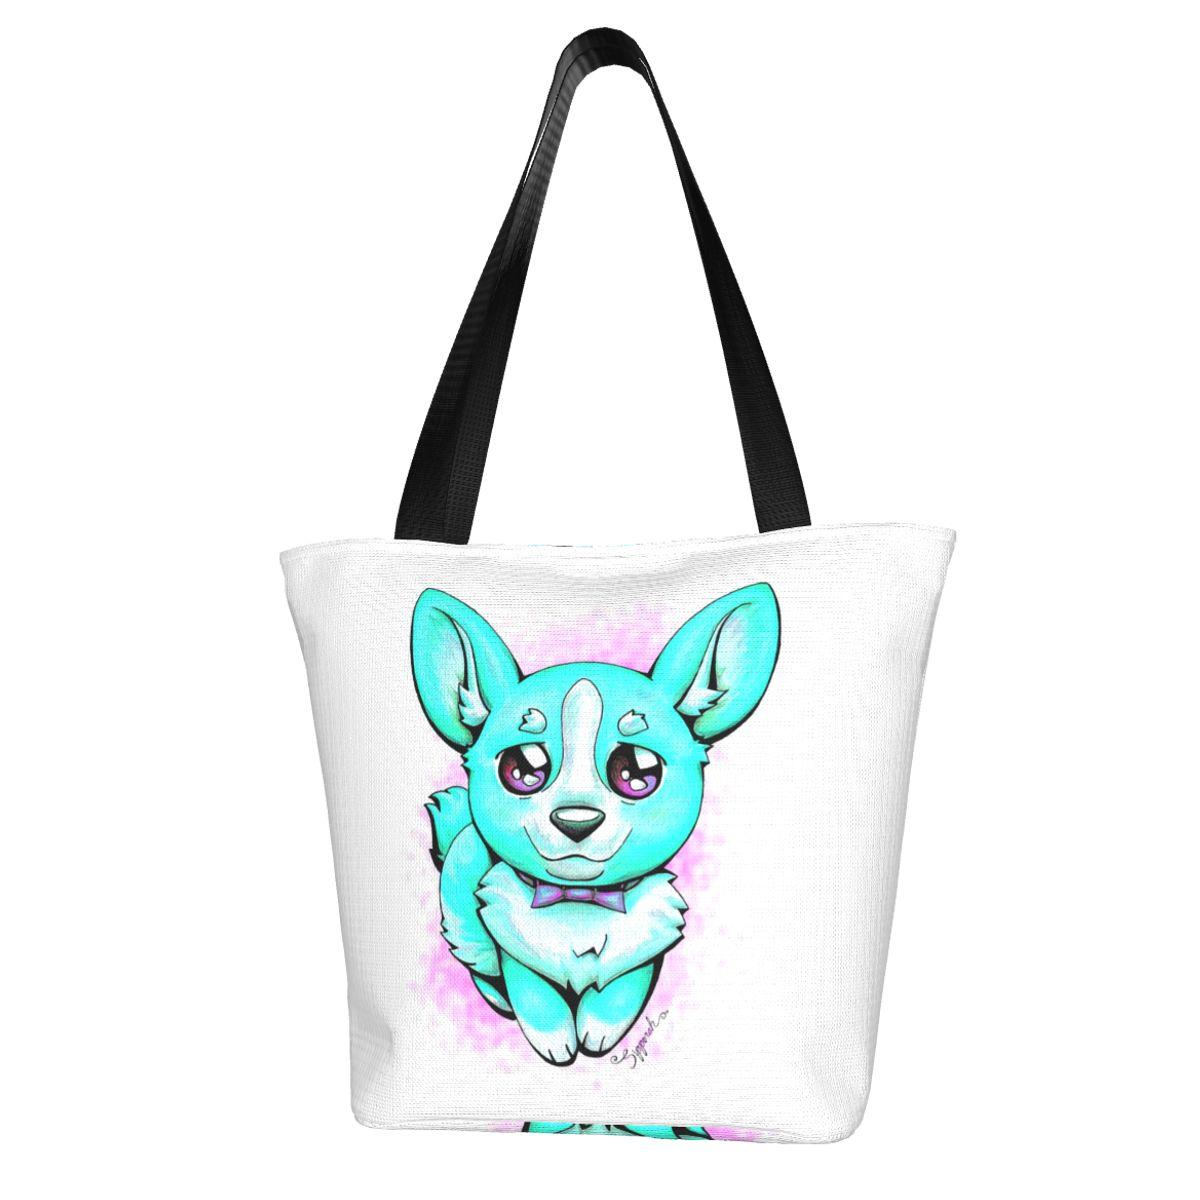 Аниме Сумка для покупок оптом многоразовая сумка тканевые уличные сумки для студентов